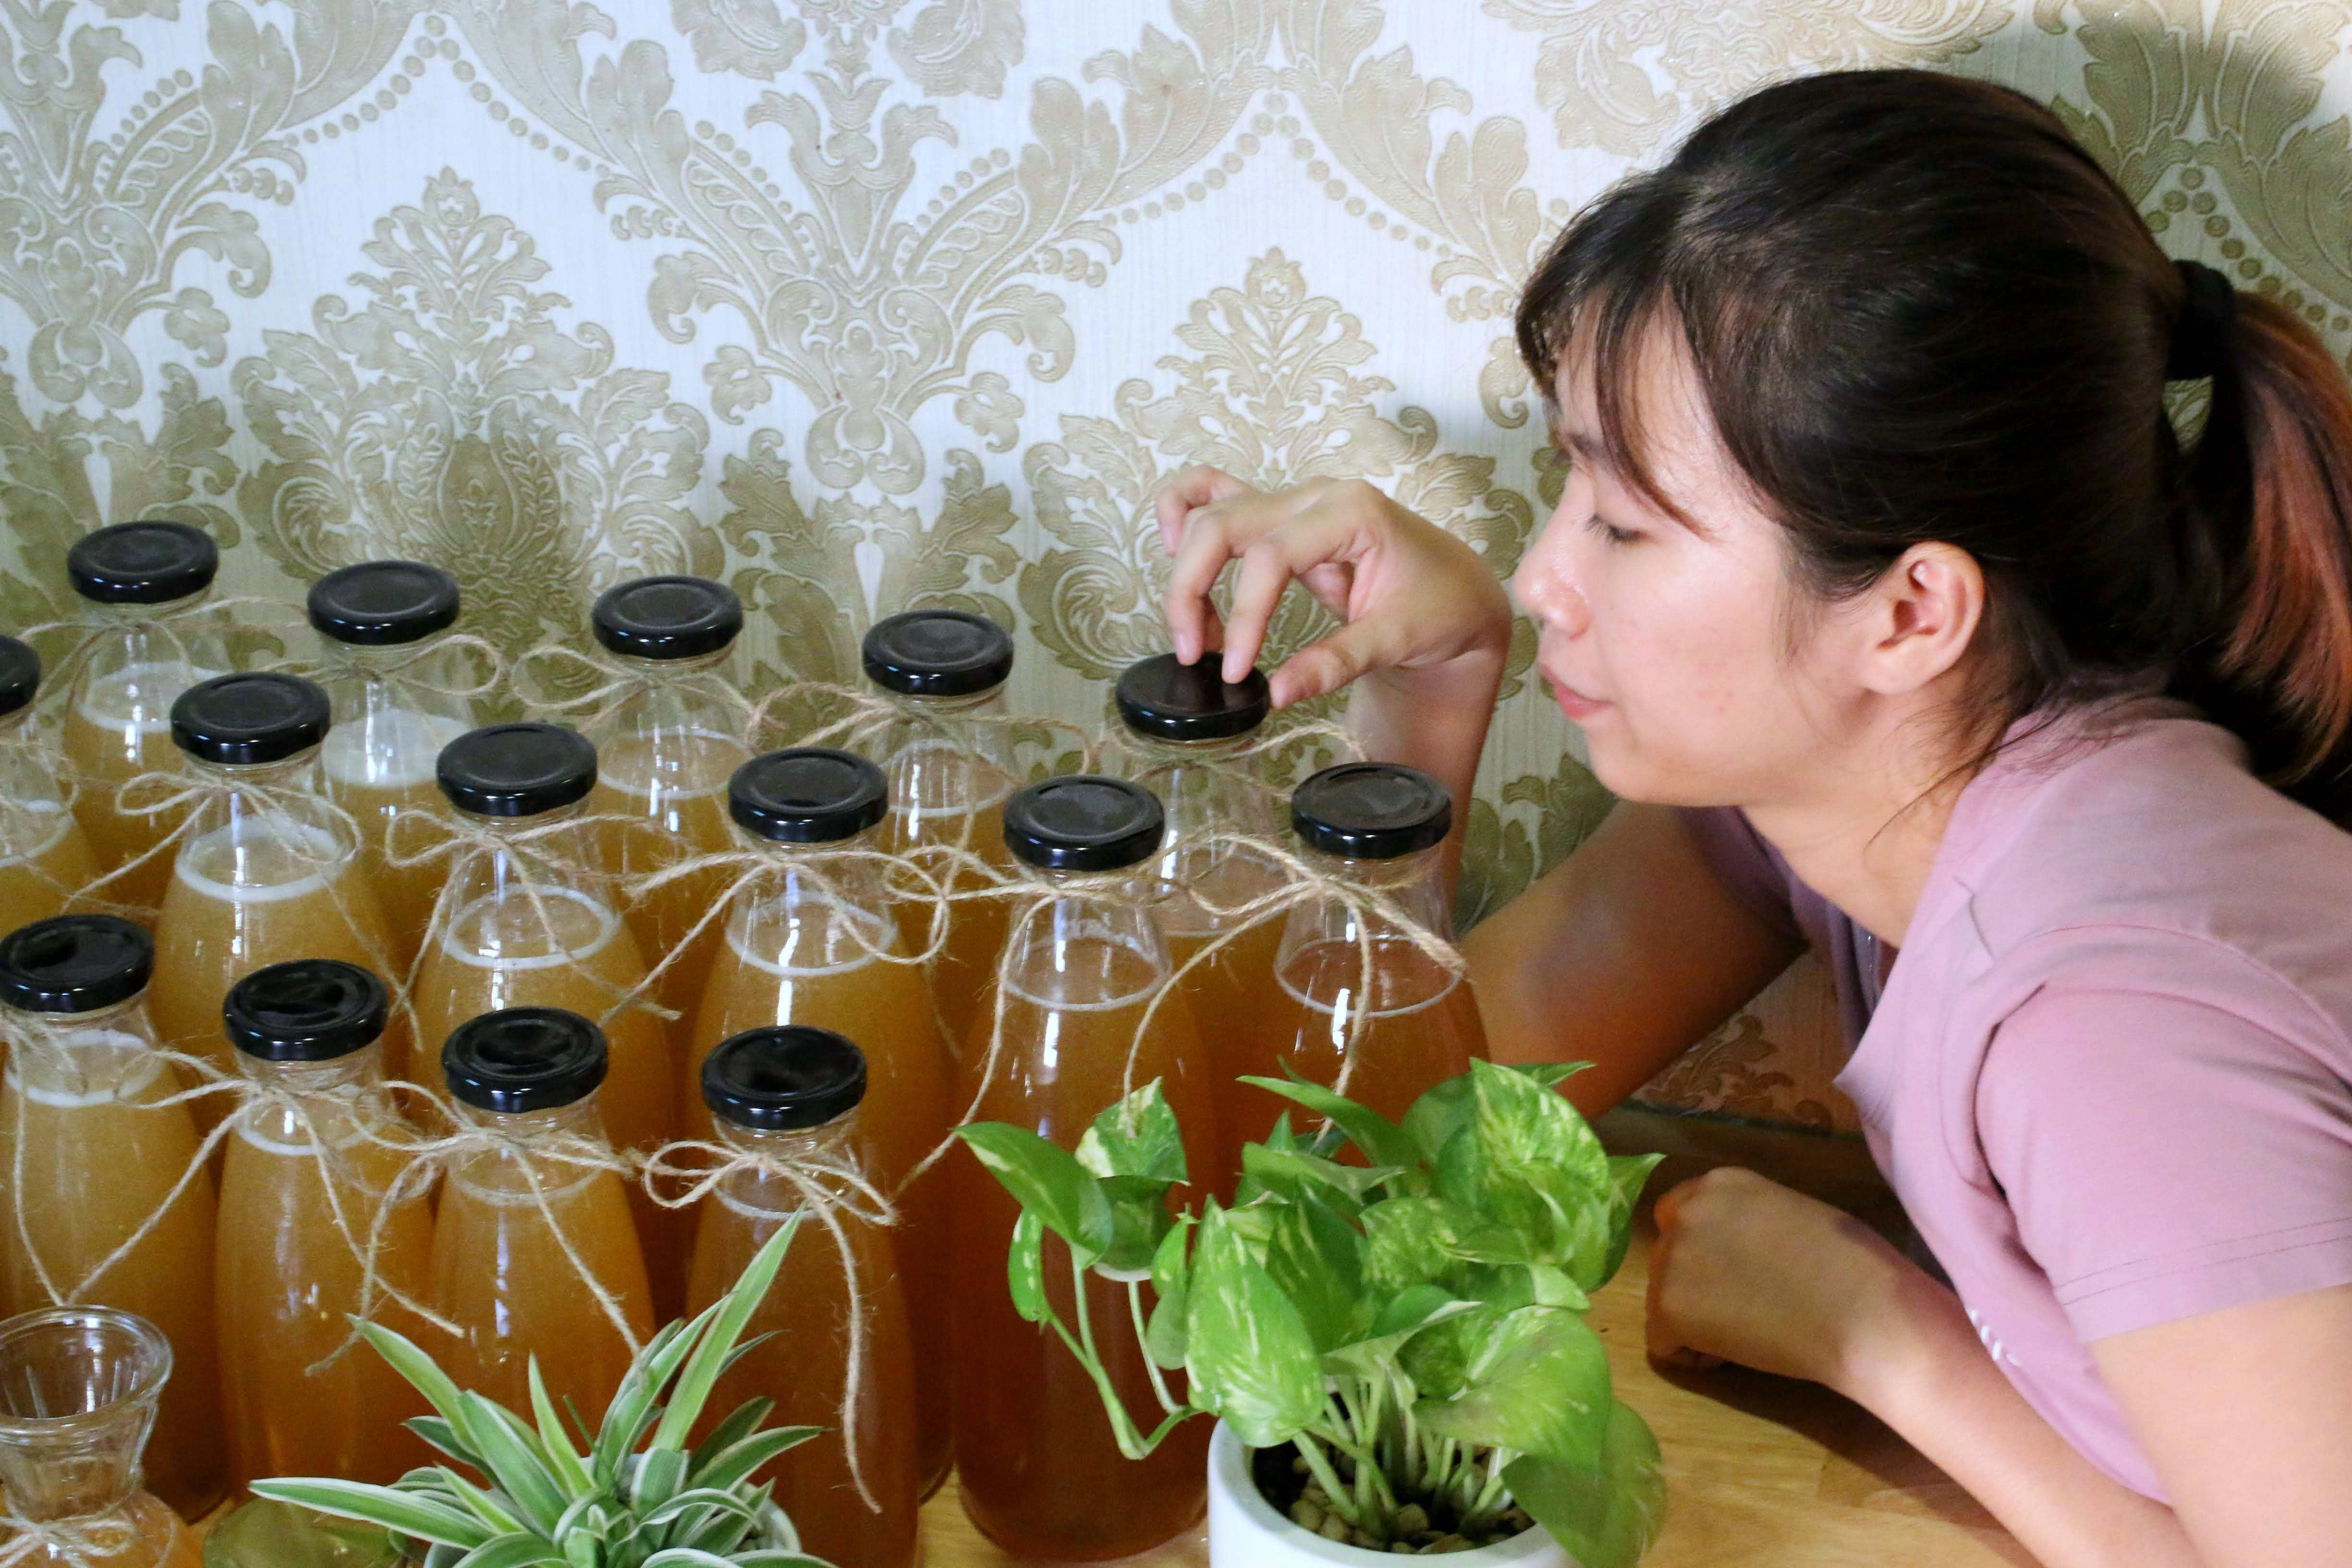 bán mật ong nguyên chất ở hcm